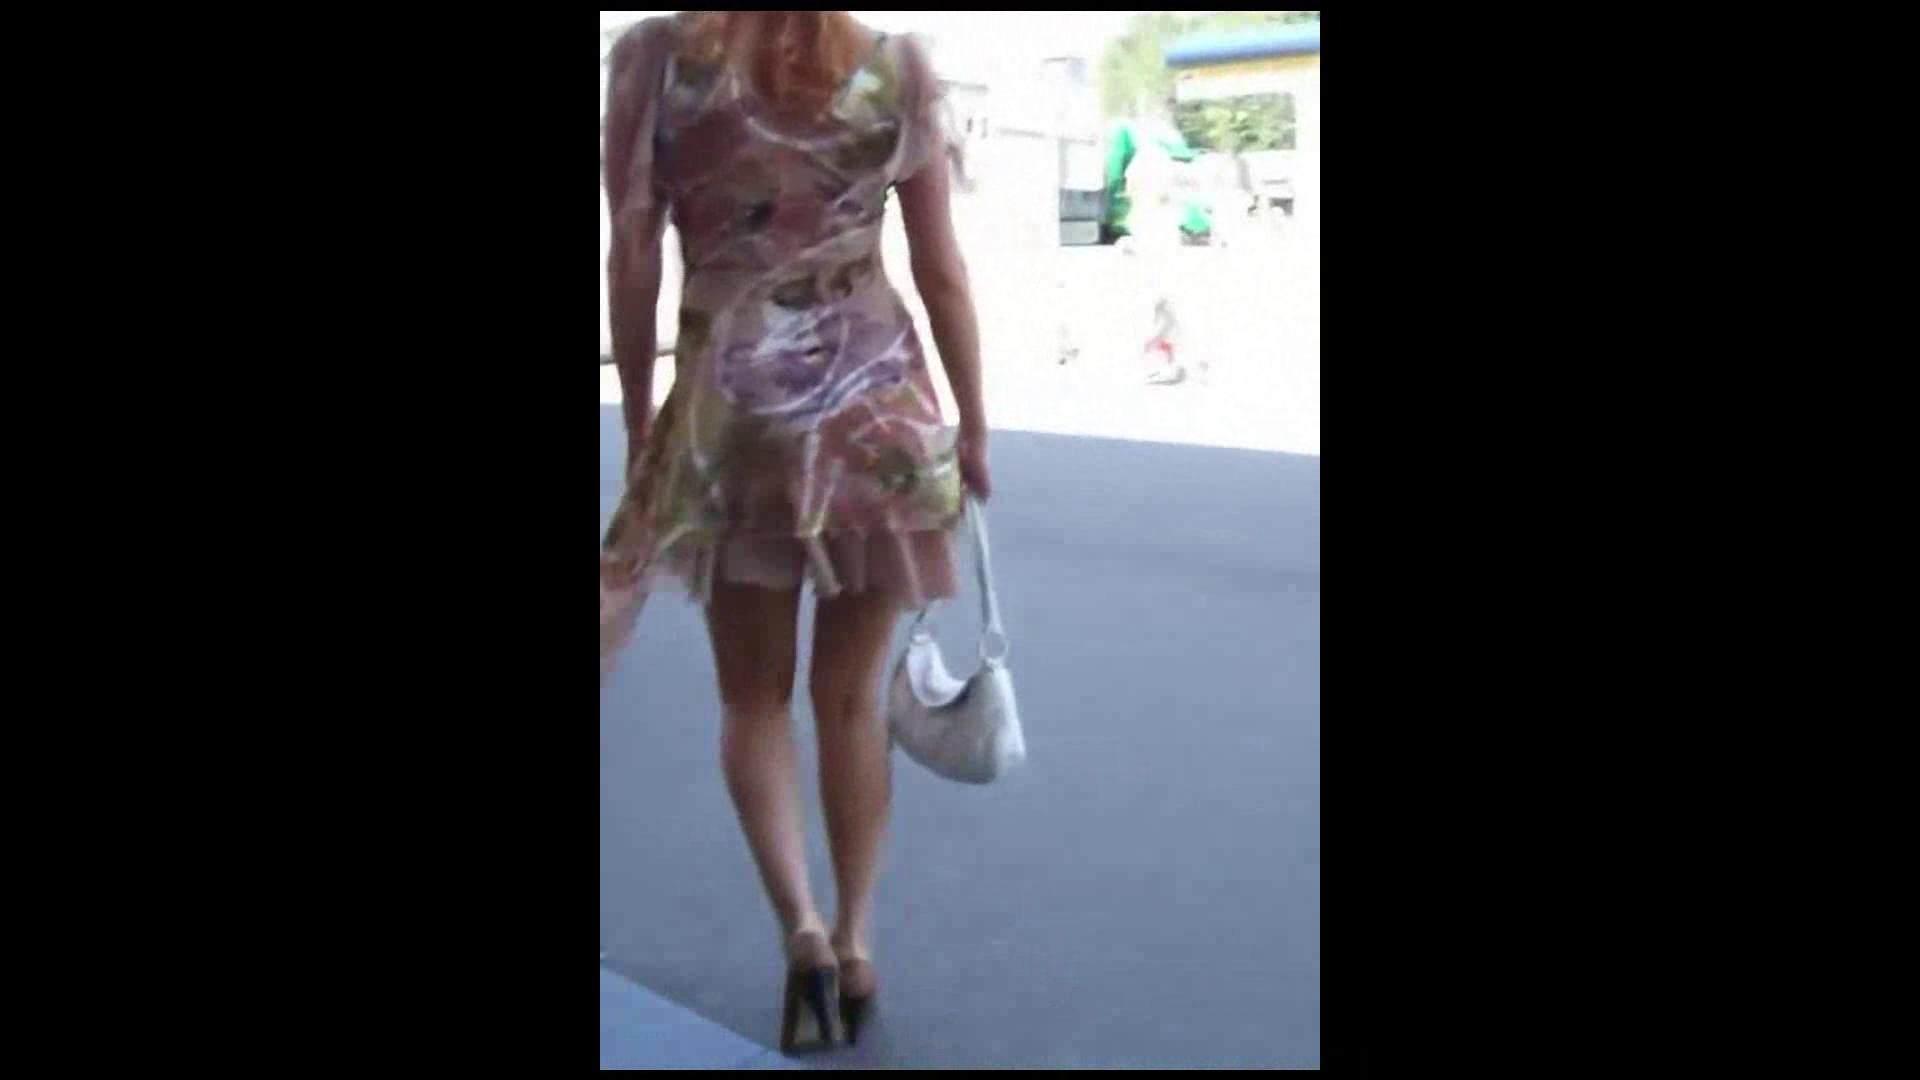 綺麗なモデルさんのスカート捲っちゃおう‼vol03 OLエロ画像  30PICs 18